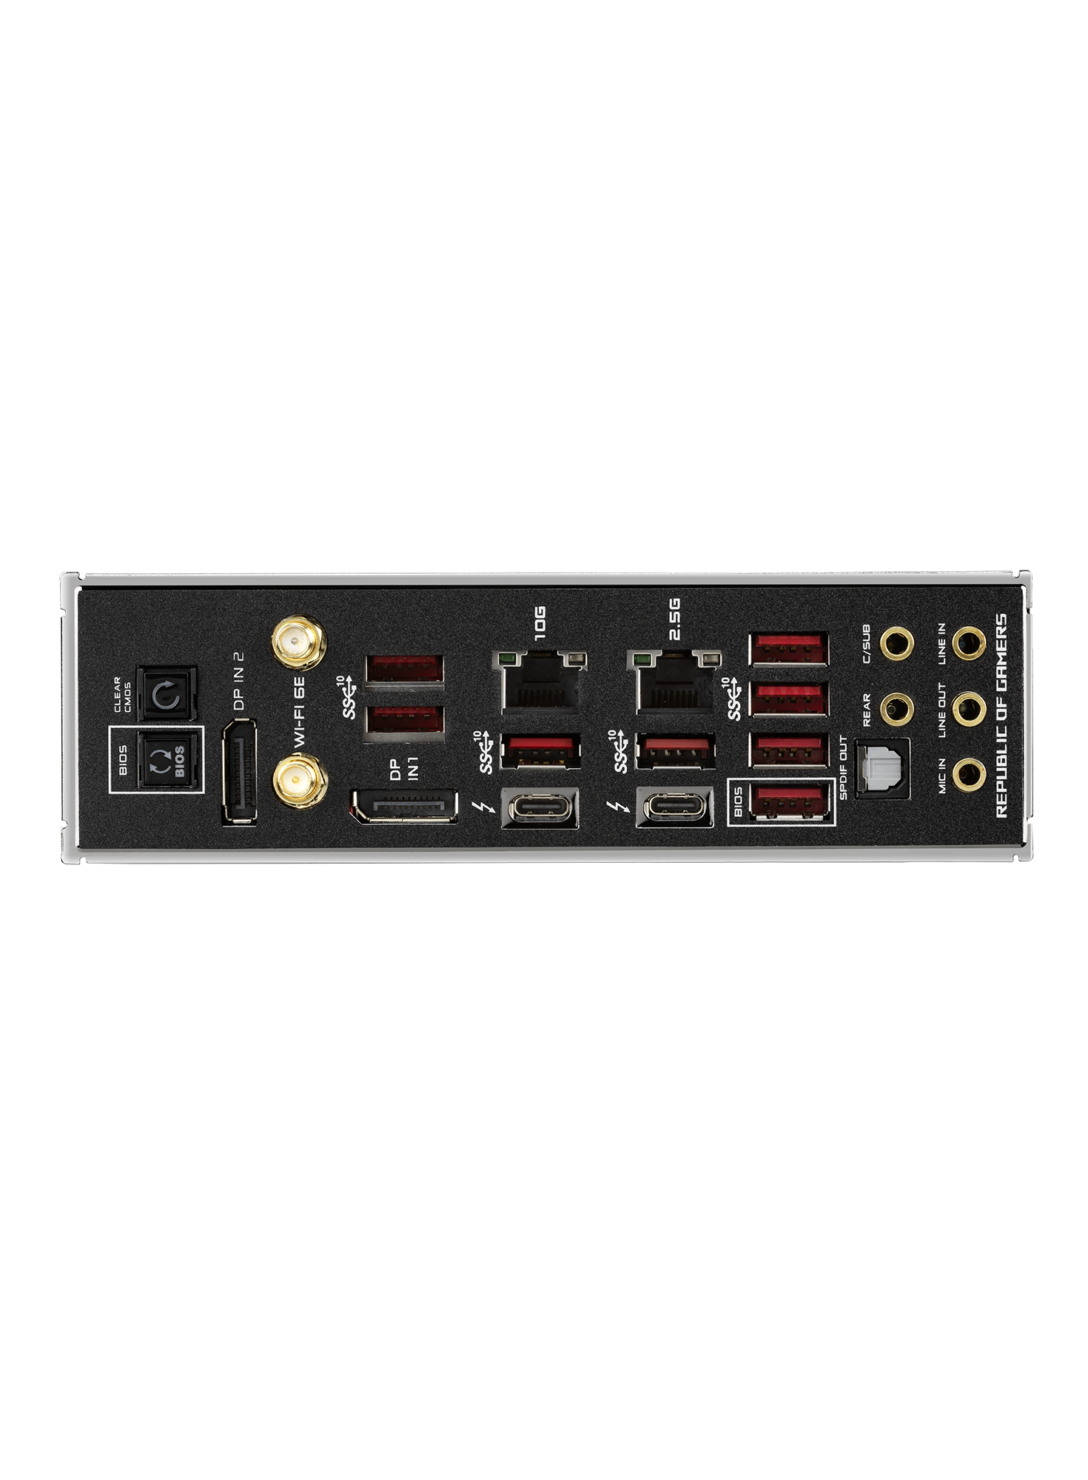 asus-rog-crosshair-viii-extreme-motherboard-_10